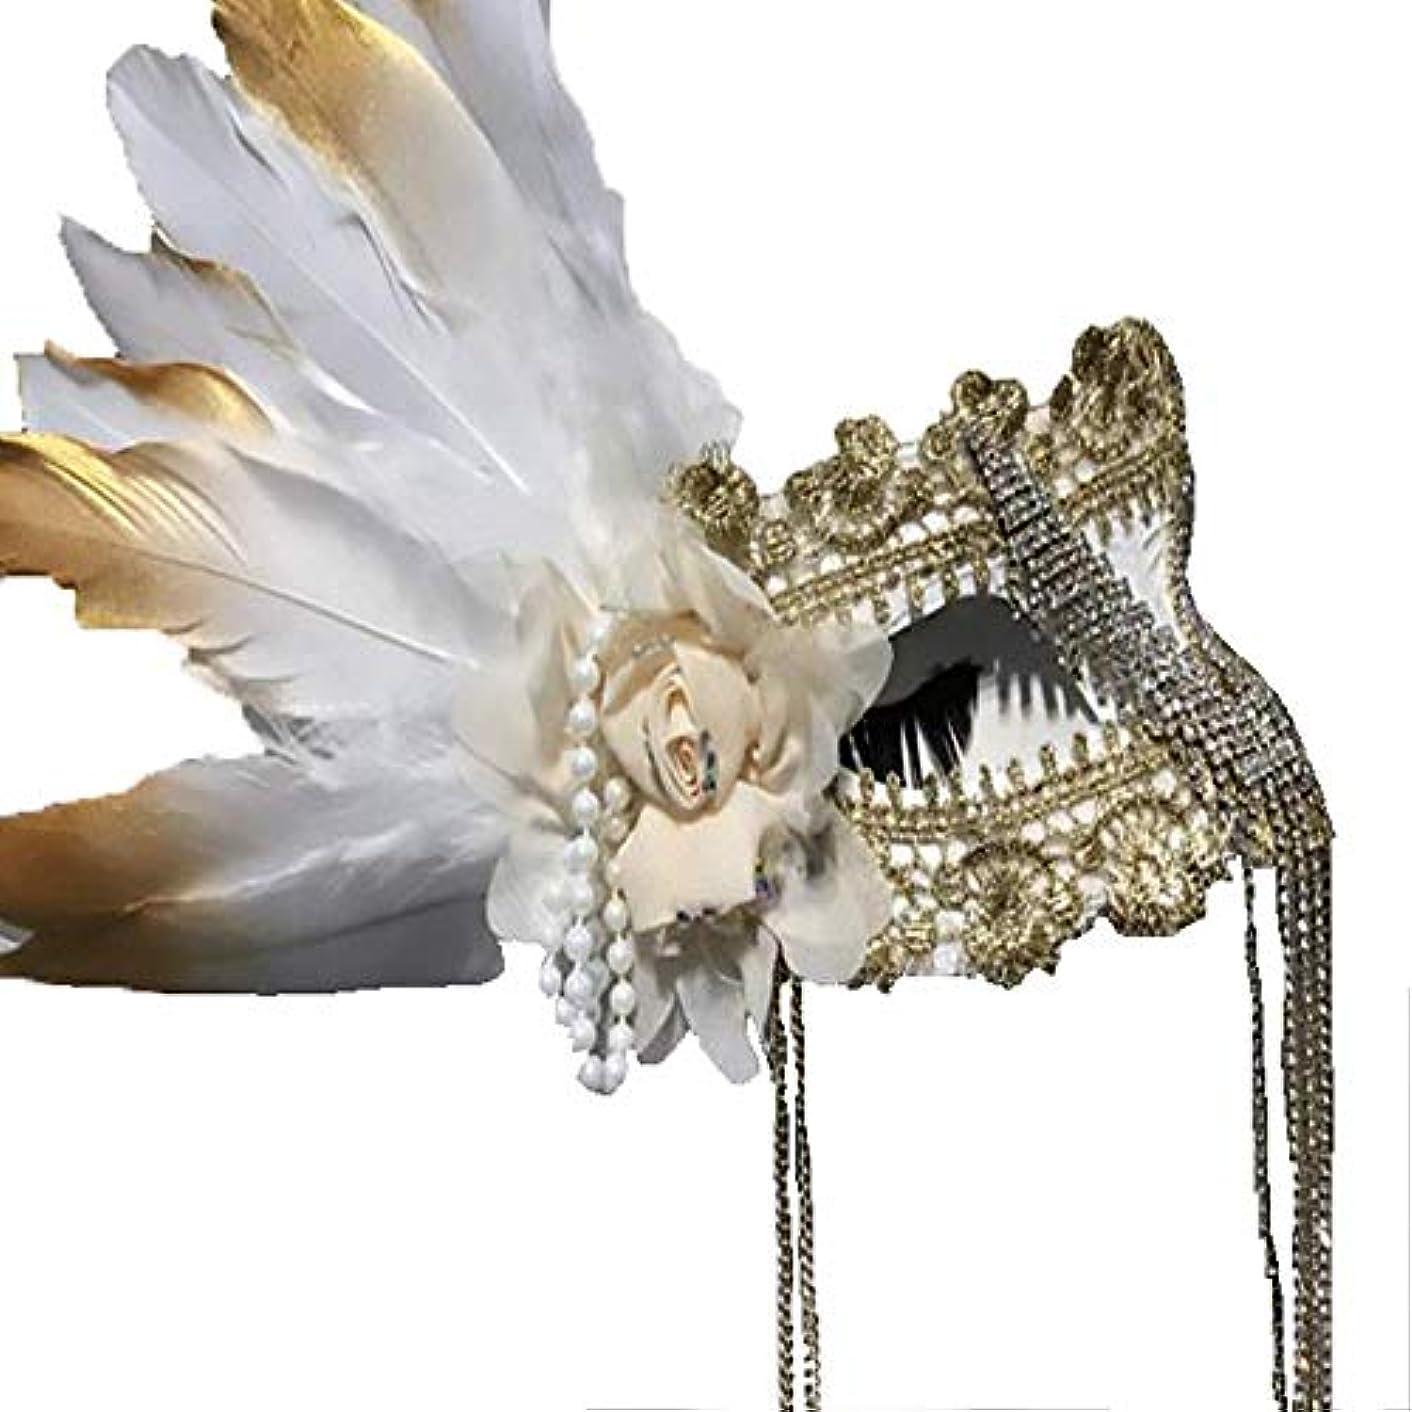 パドル順応性のある噛むNanle ハロウィーンのラインストーンフリンジフェザー刺繍花マスク仮装マスクレディミスプリンセス美容祭パーティーデコレーションマスク